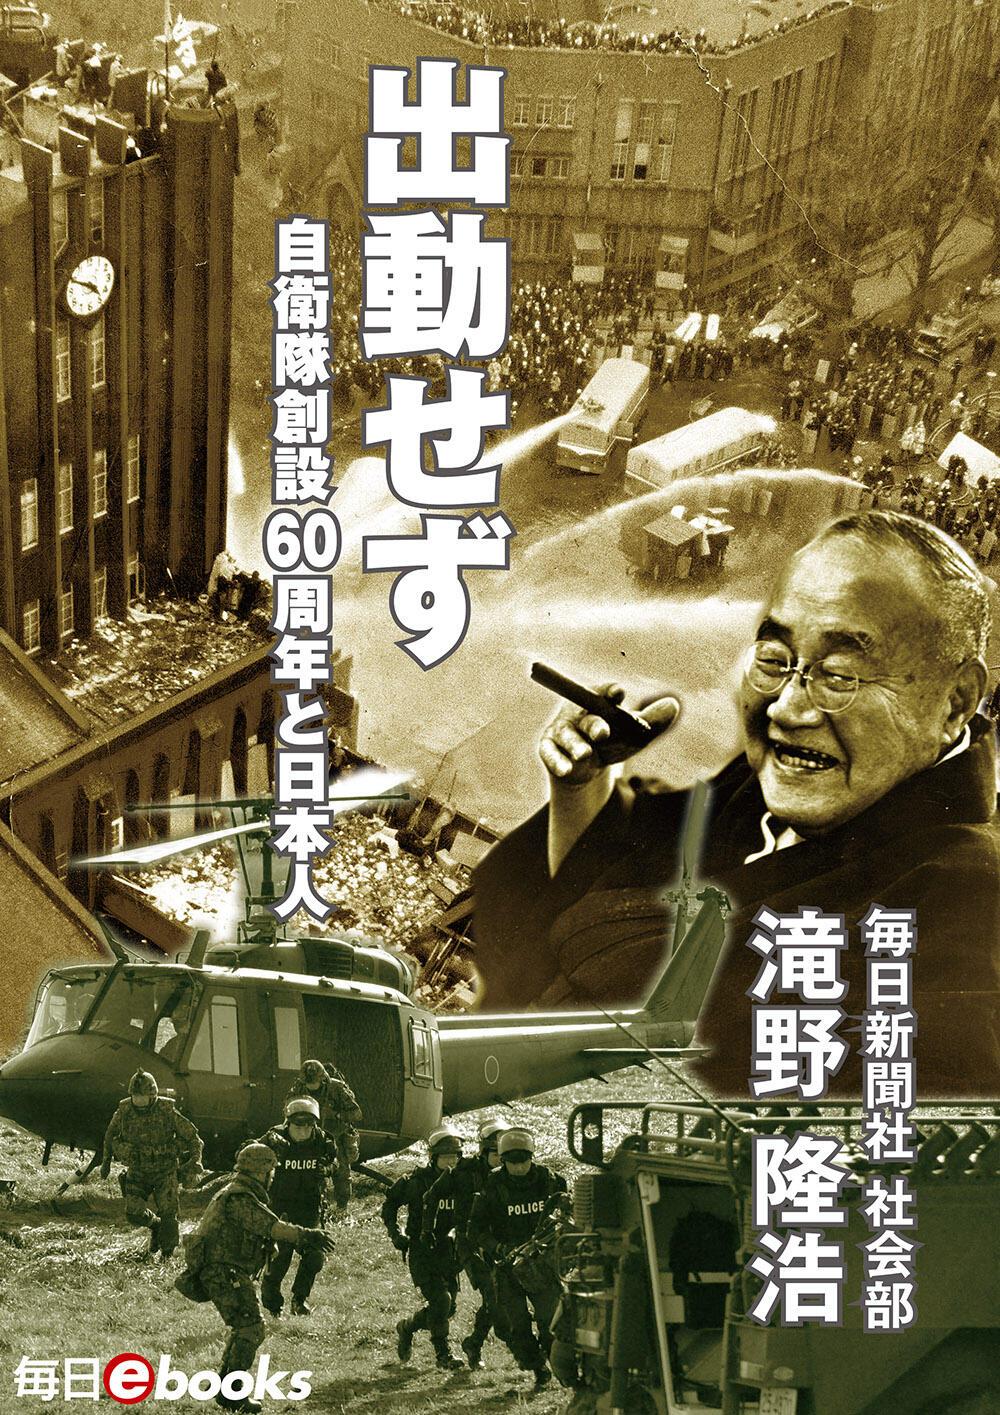 書影:出動せず 自衛隊創設60周年と日本人